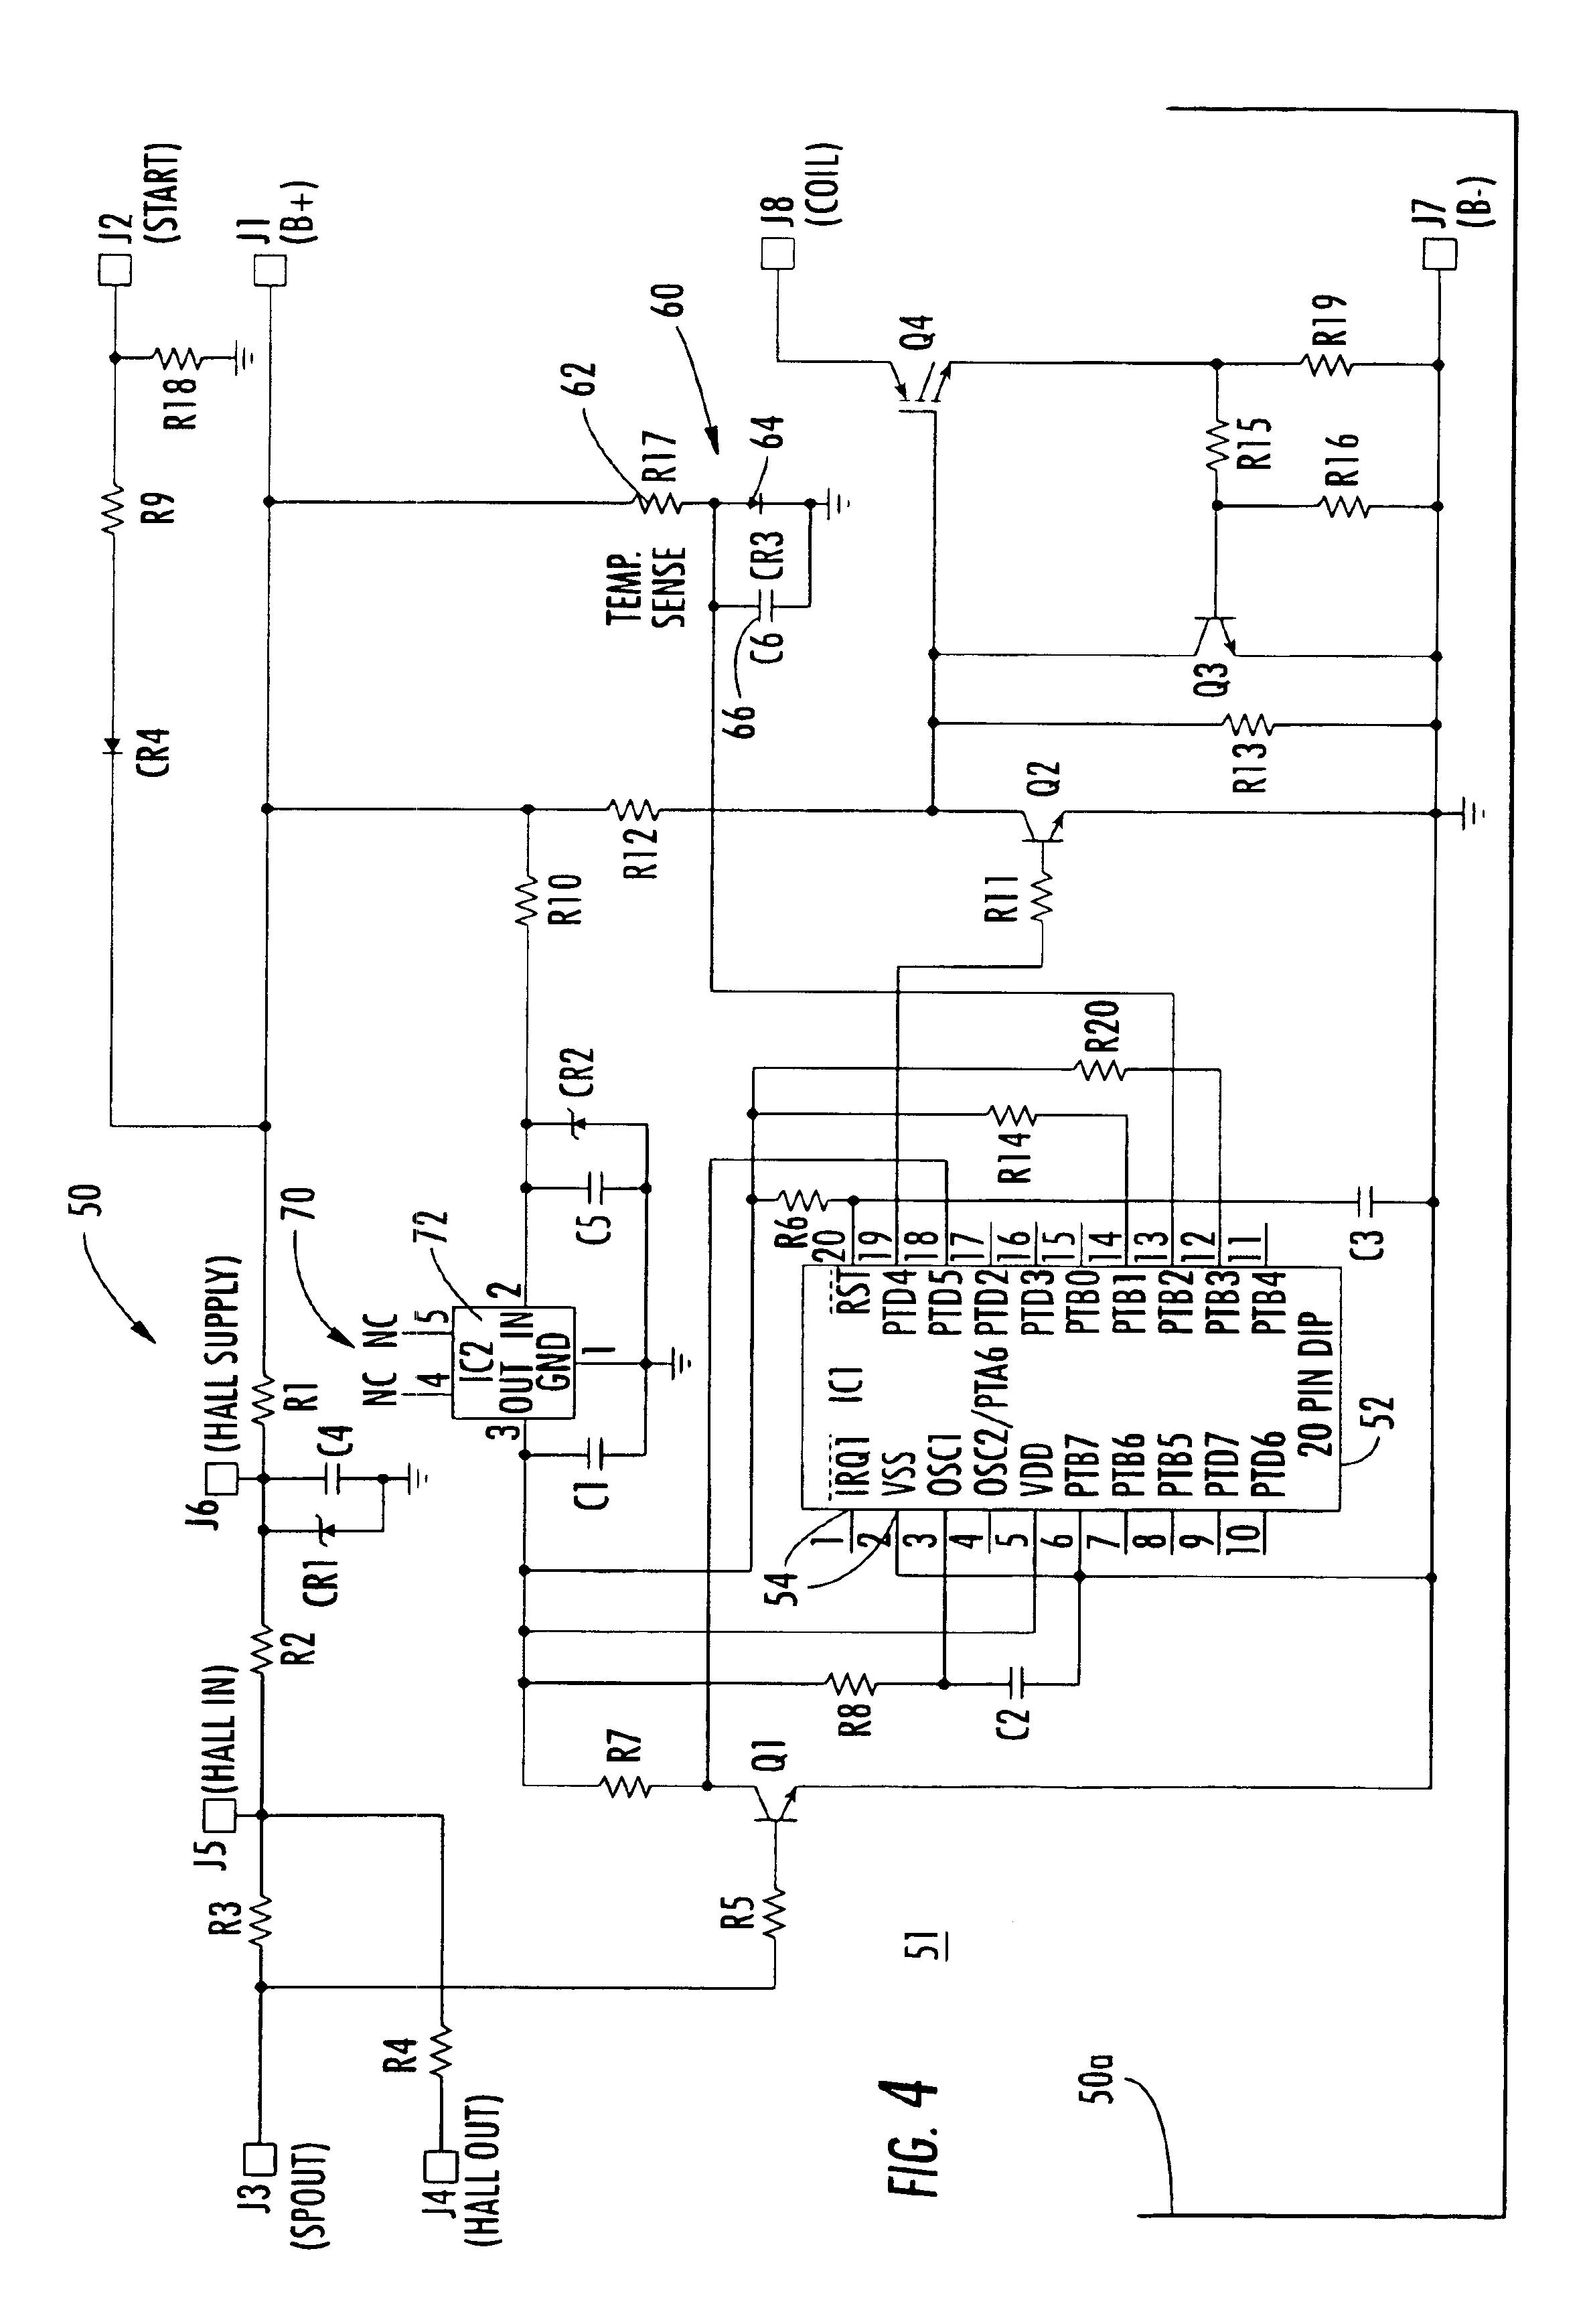 Hei Ignition Module Schematic